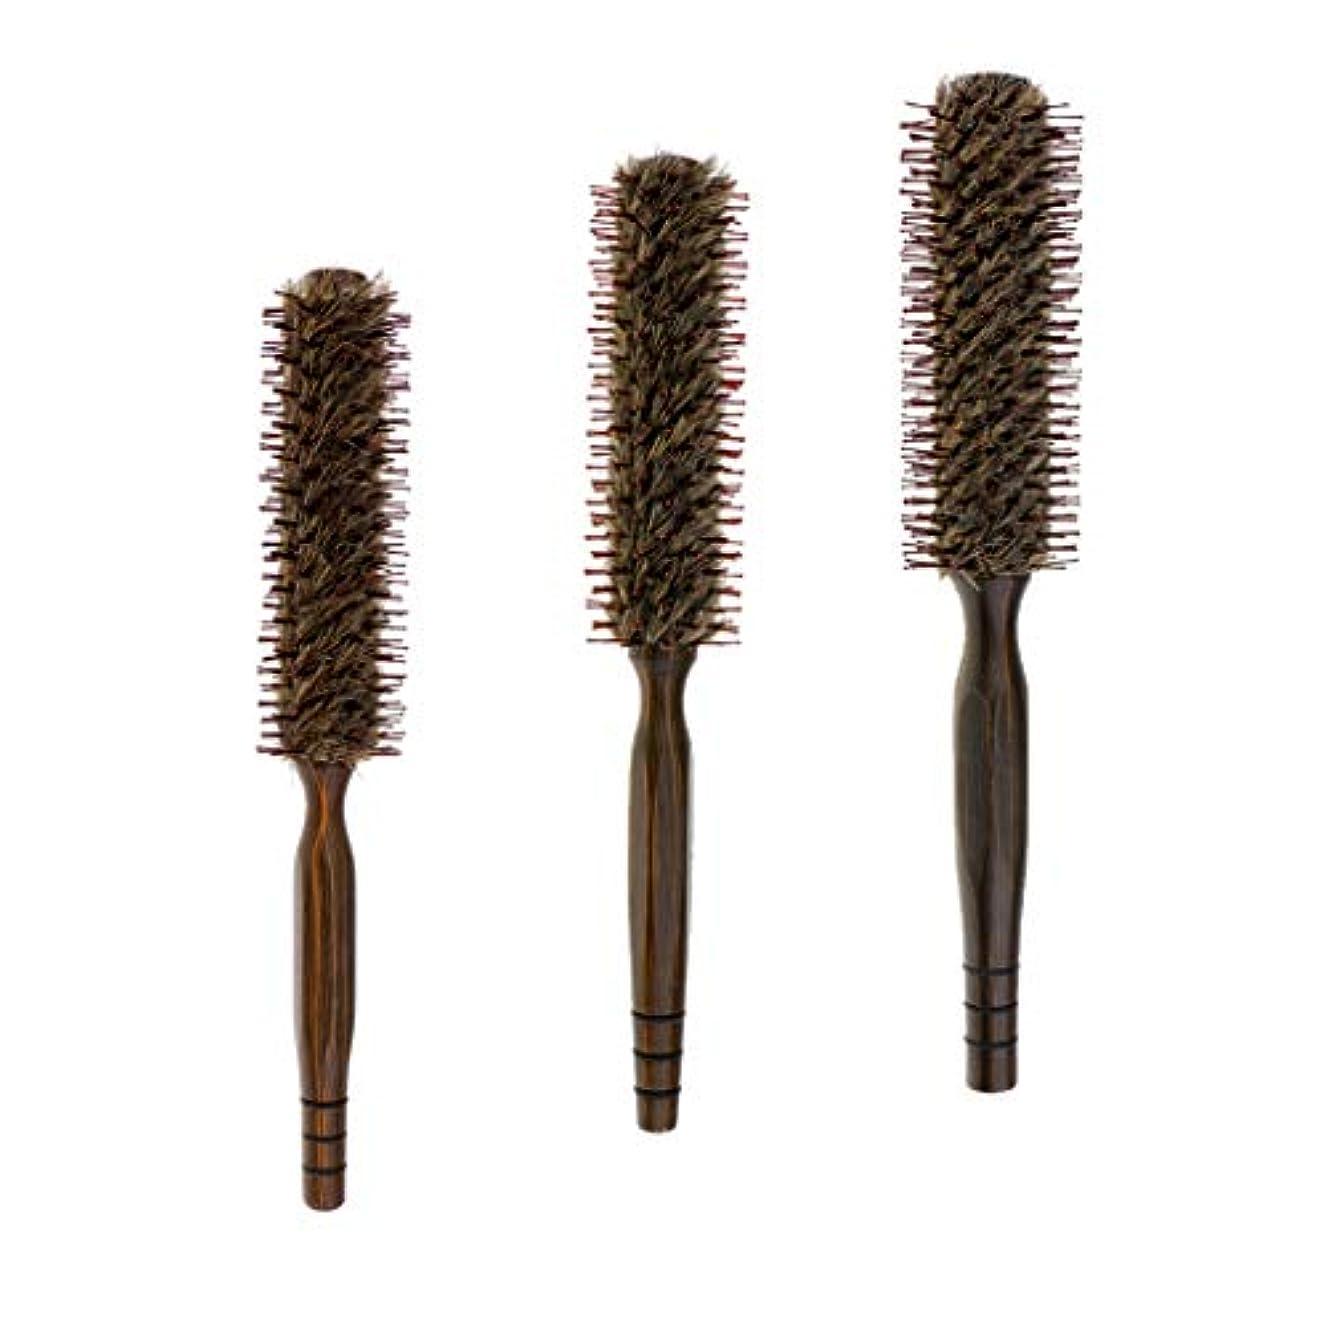 政治的推論スポーツマンToygogo 3パック小さい丸い木製理髪の毛の巻き毛の櫛のブラシ18/20 / 22mm